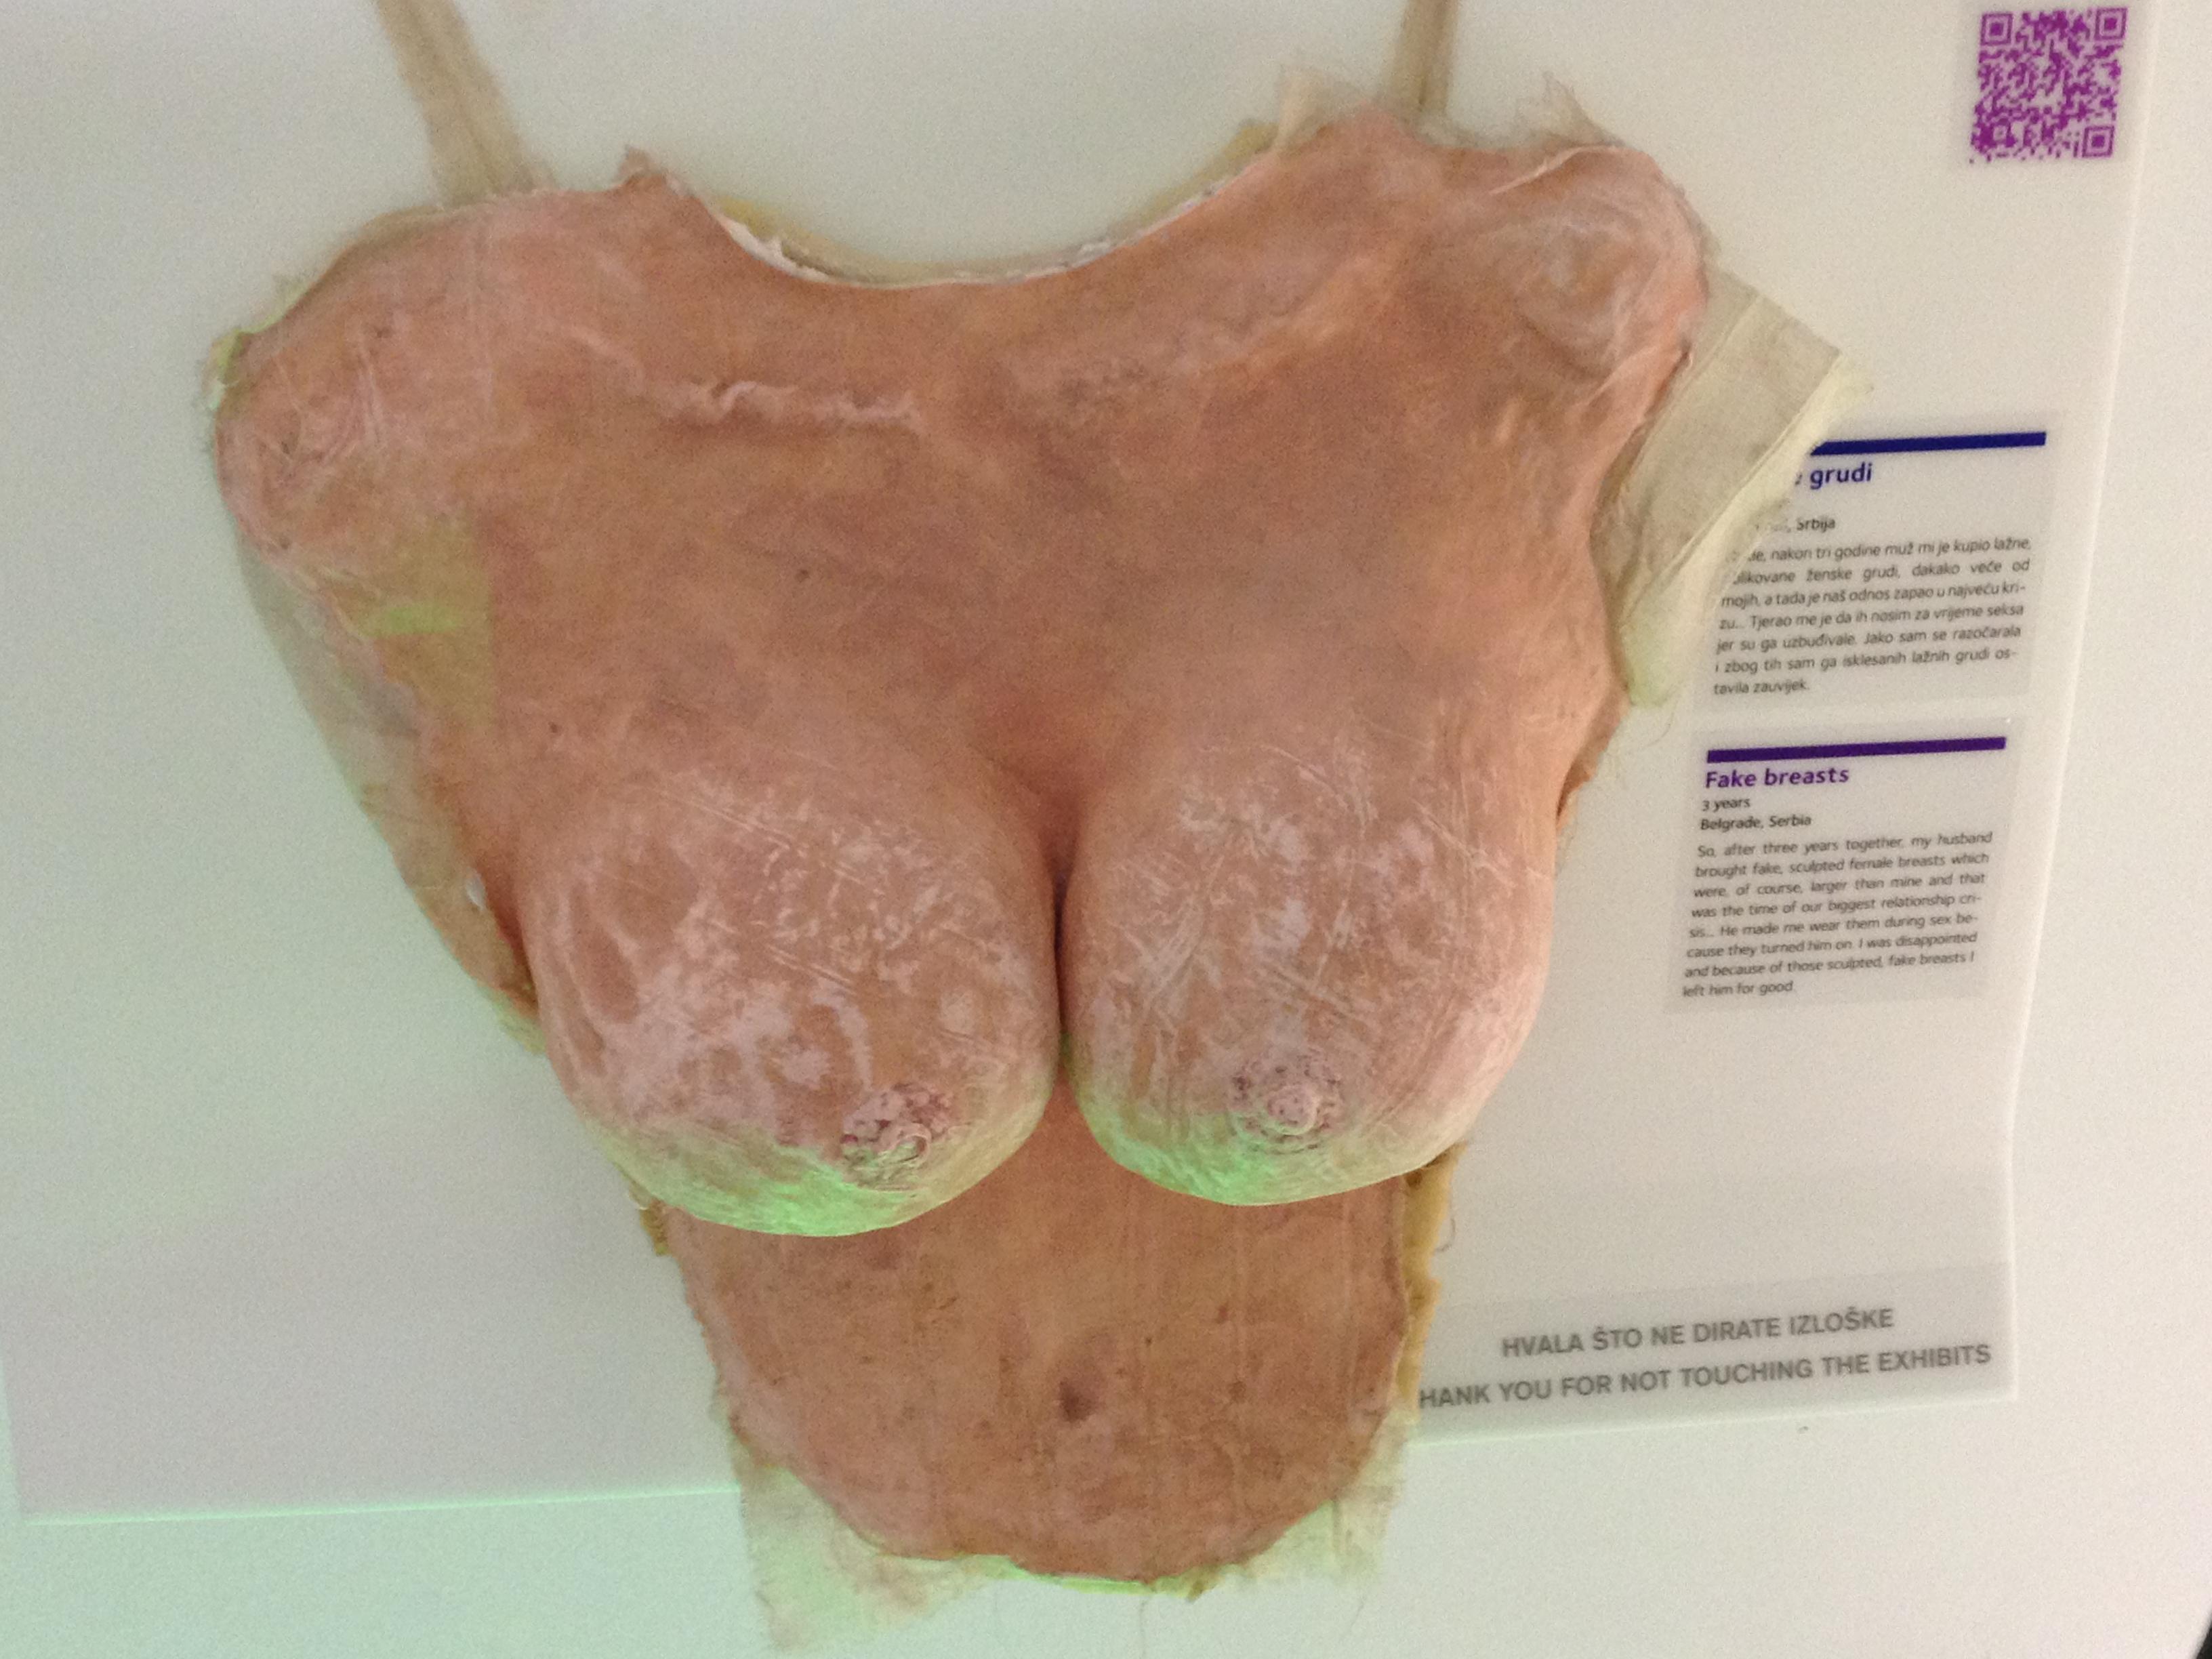 Museum of Broken Relationships - Zagreb, Croatia, June 2012